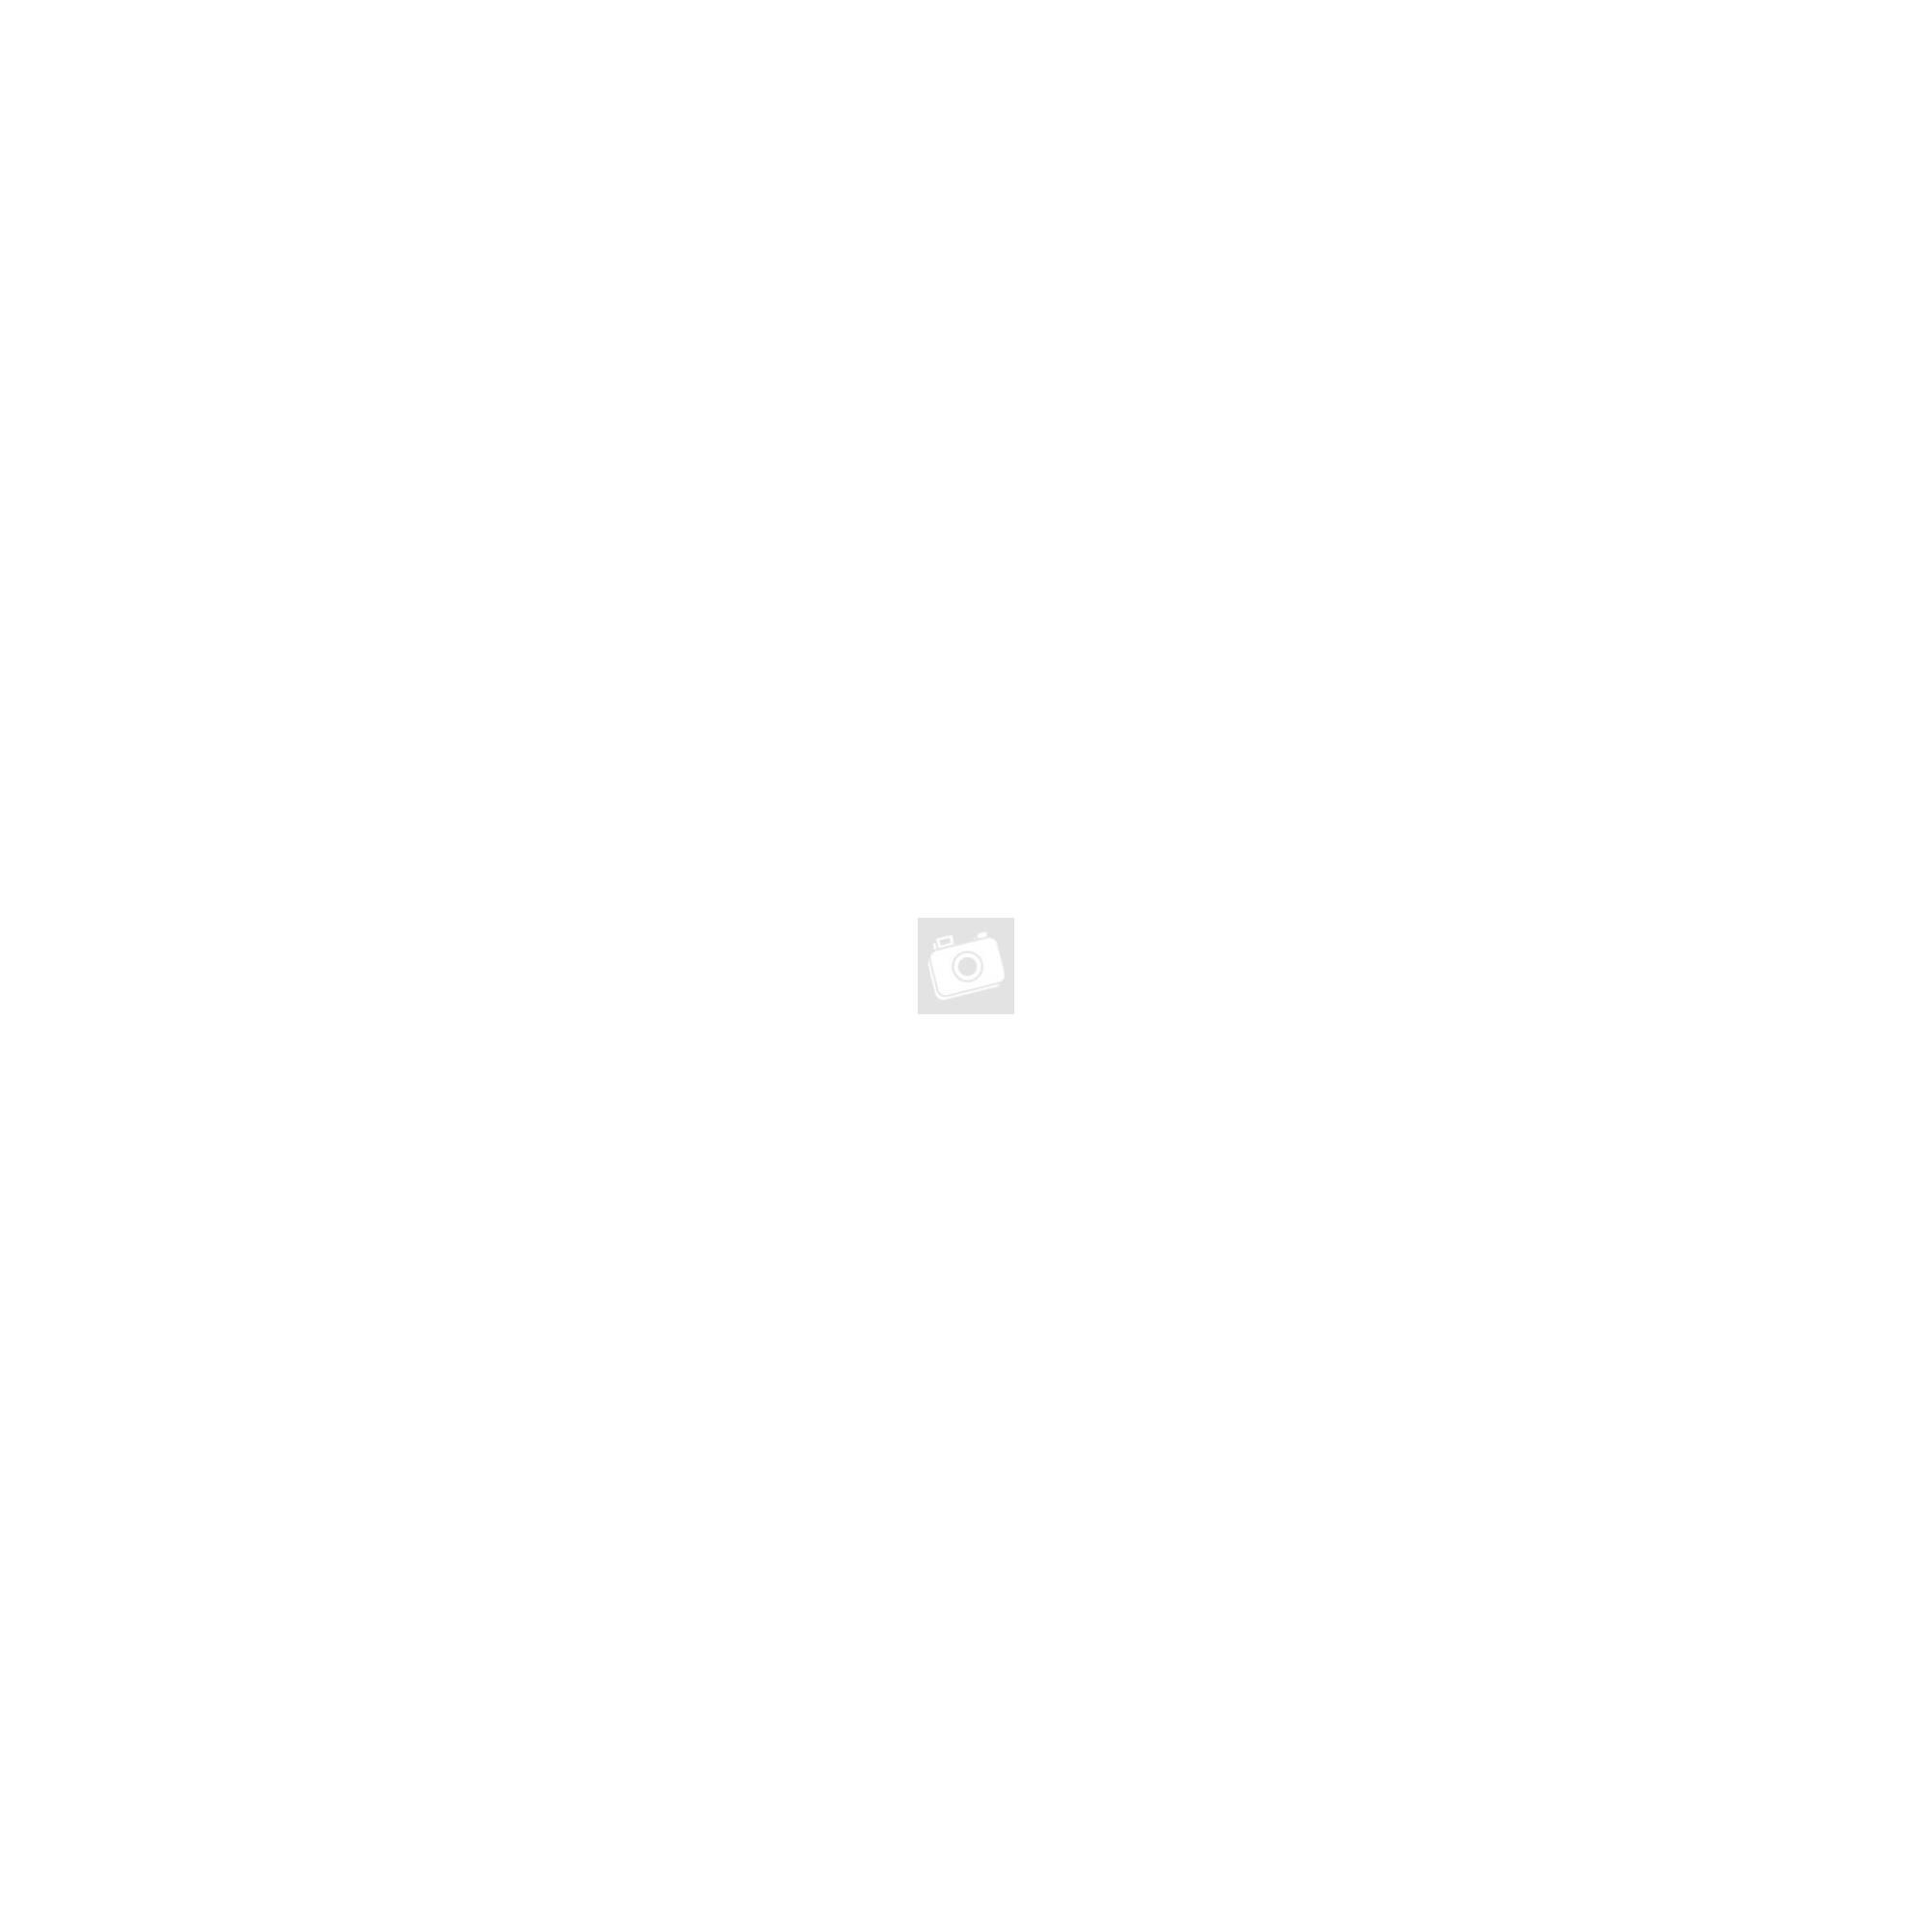 35f0a62d8a CIPO AND BAXX - WHITE#PERFECT - Férfi Átmeneti kabát - Prémium kategória